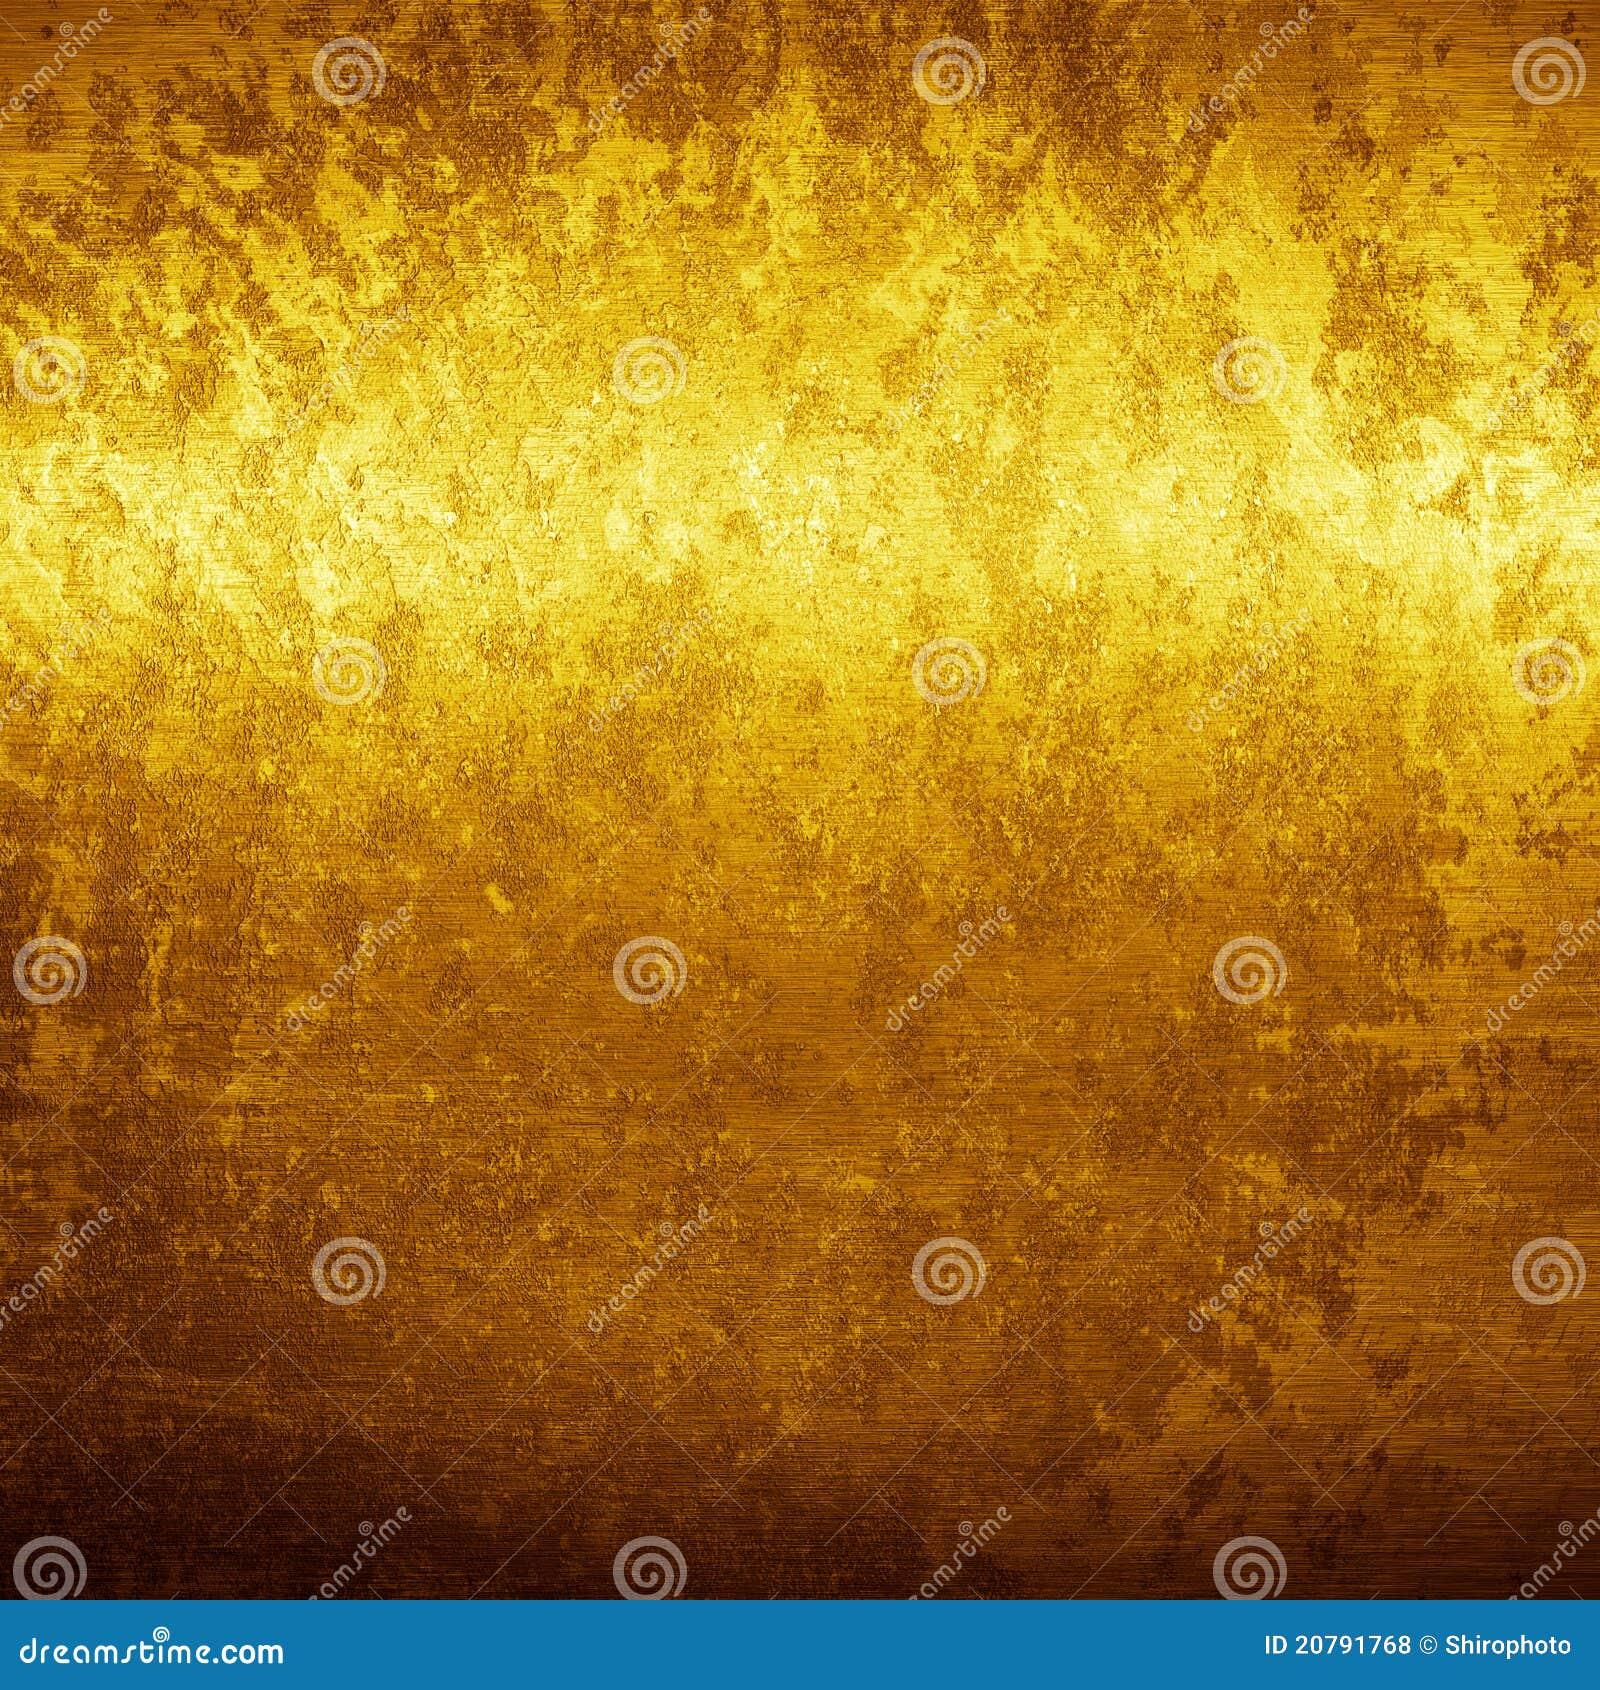 Gold grunge texture